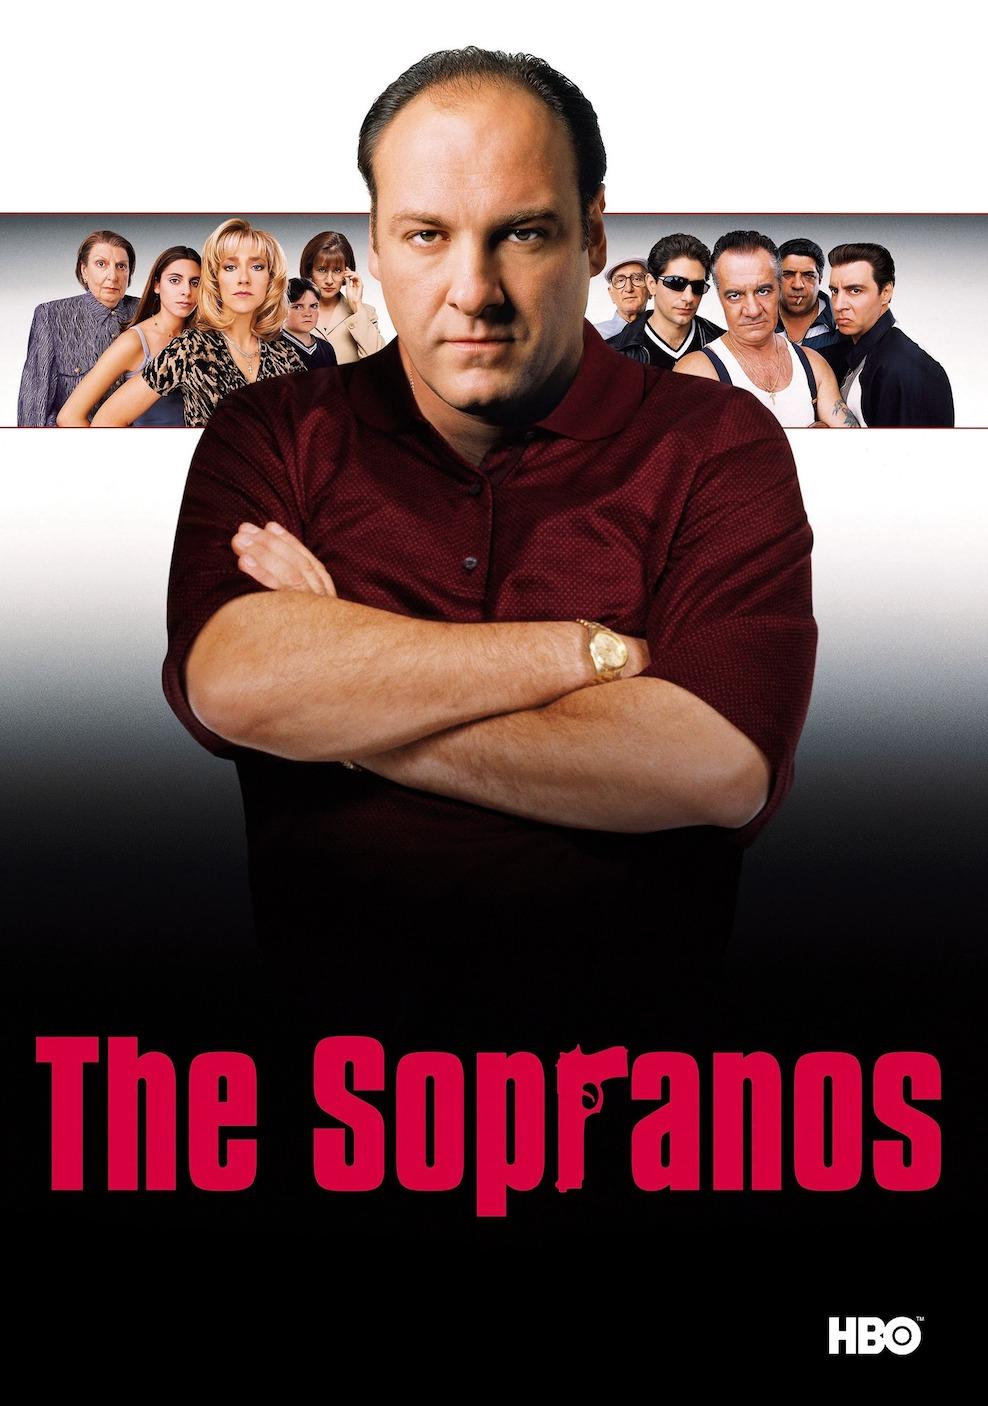 <p><strong>The Sopranos 10/9.2</strong></p><p>Dizi, büyük bir İtalyan-Amerikan mafya ailesi olan Soprano ailesi ve ihanete tahammülü olmayan mafya lideri Tony Soprano'nun hikayesini anlatıyor.</p>